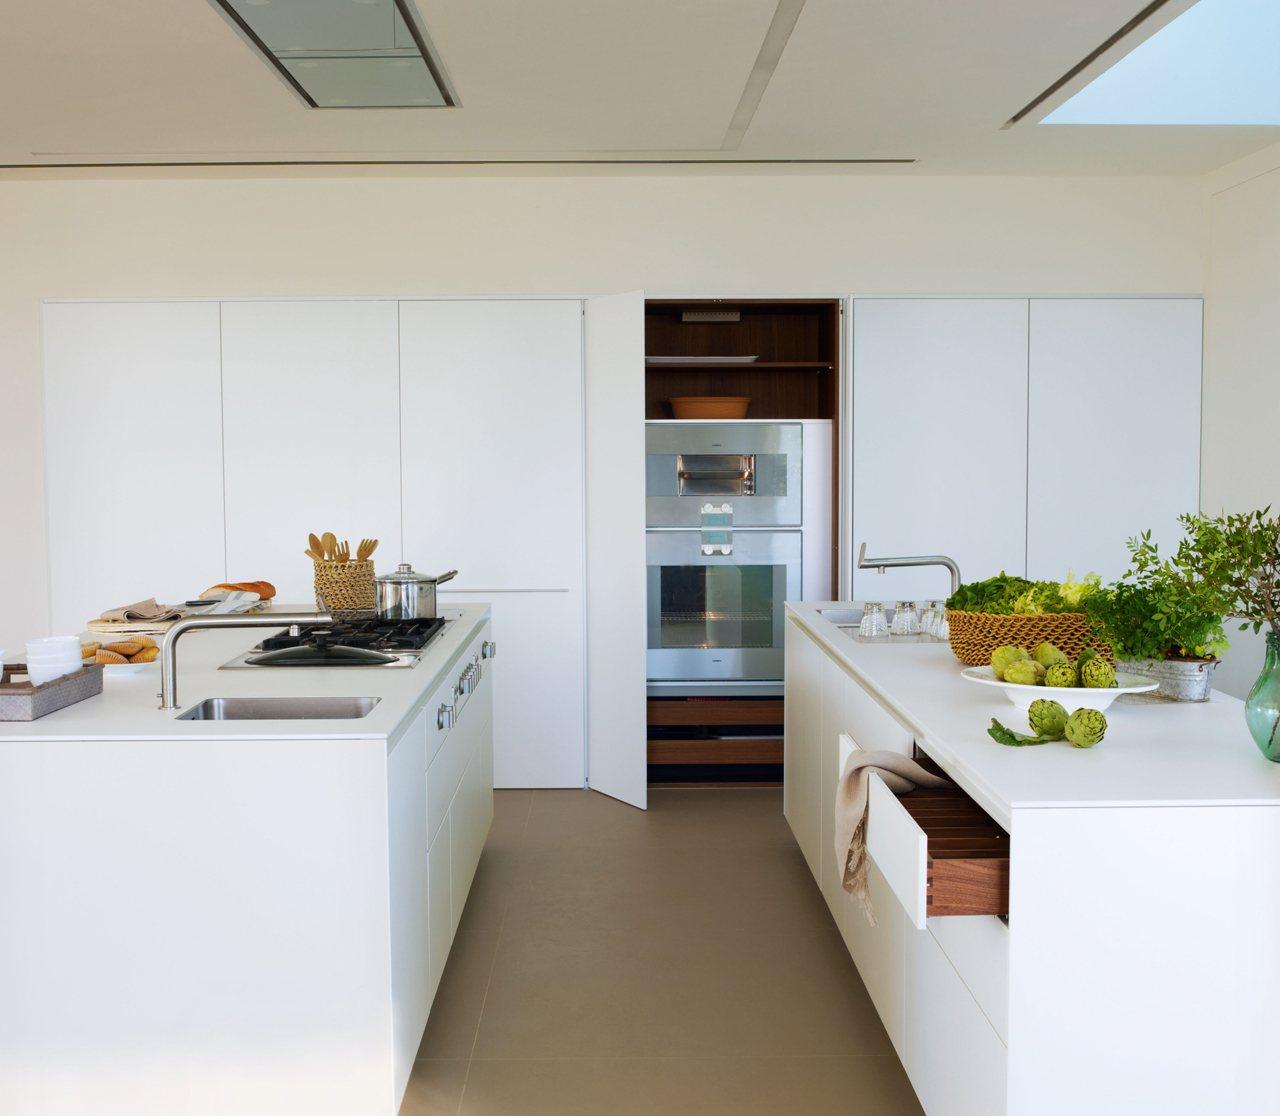 Una cocina luminosa y espectacular - Cocinas espectaculares ...